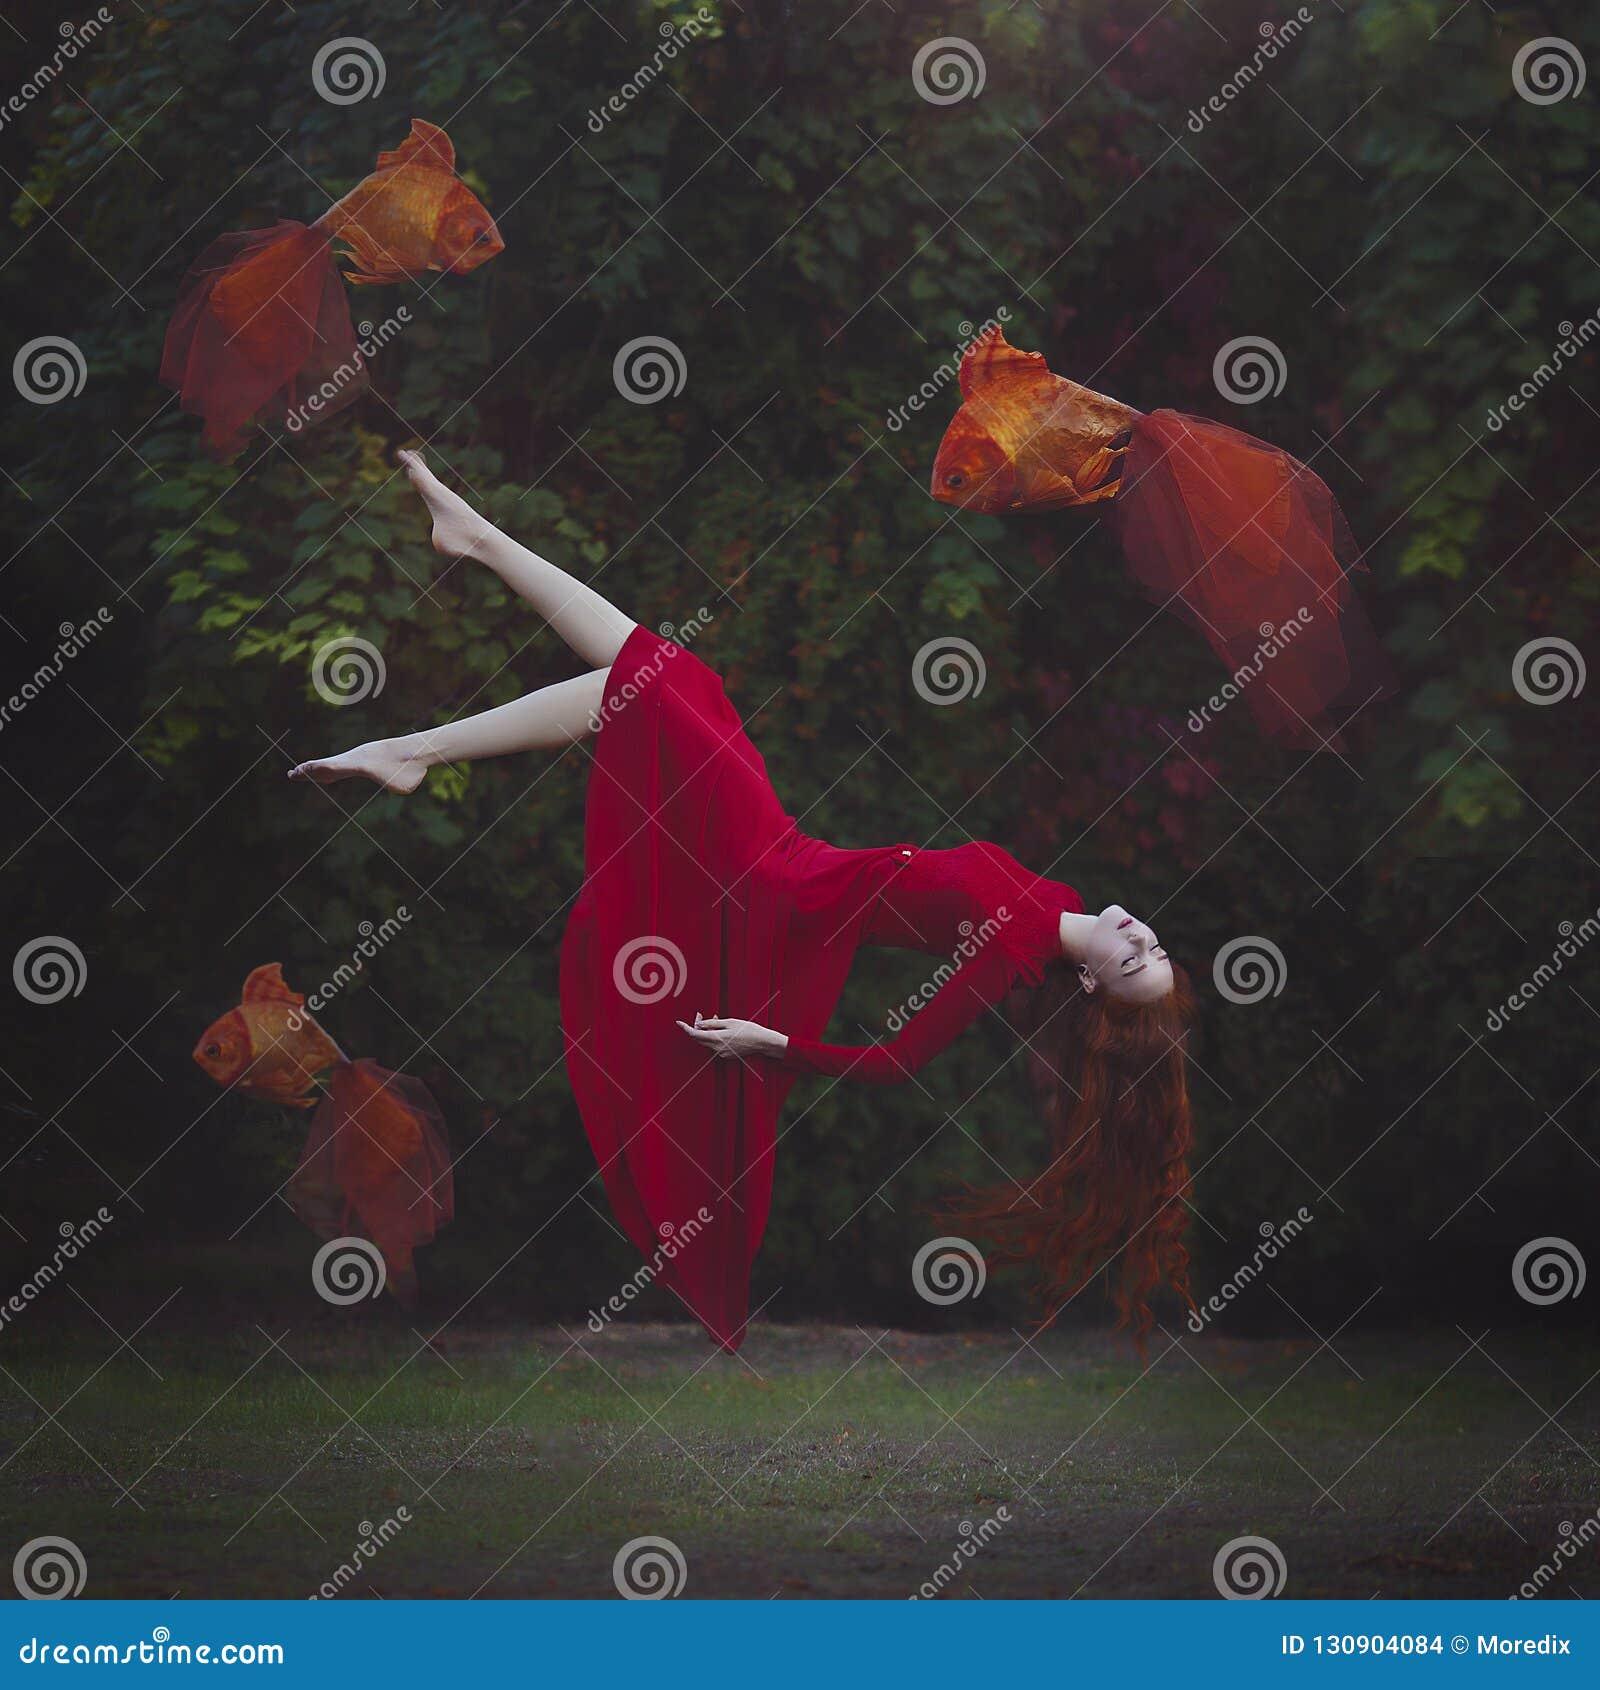 Красивая девушка с длинными красными волосами в красном платье levitating над землей Сюрреалистическое волшебное фото женщины с